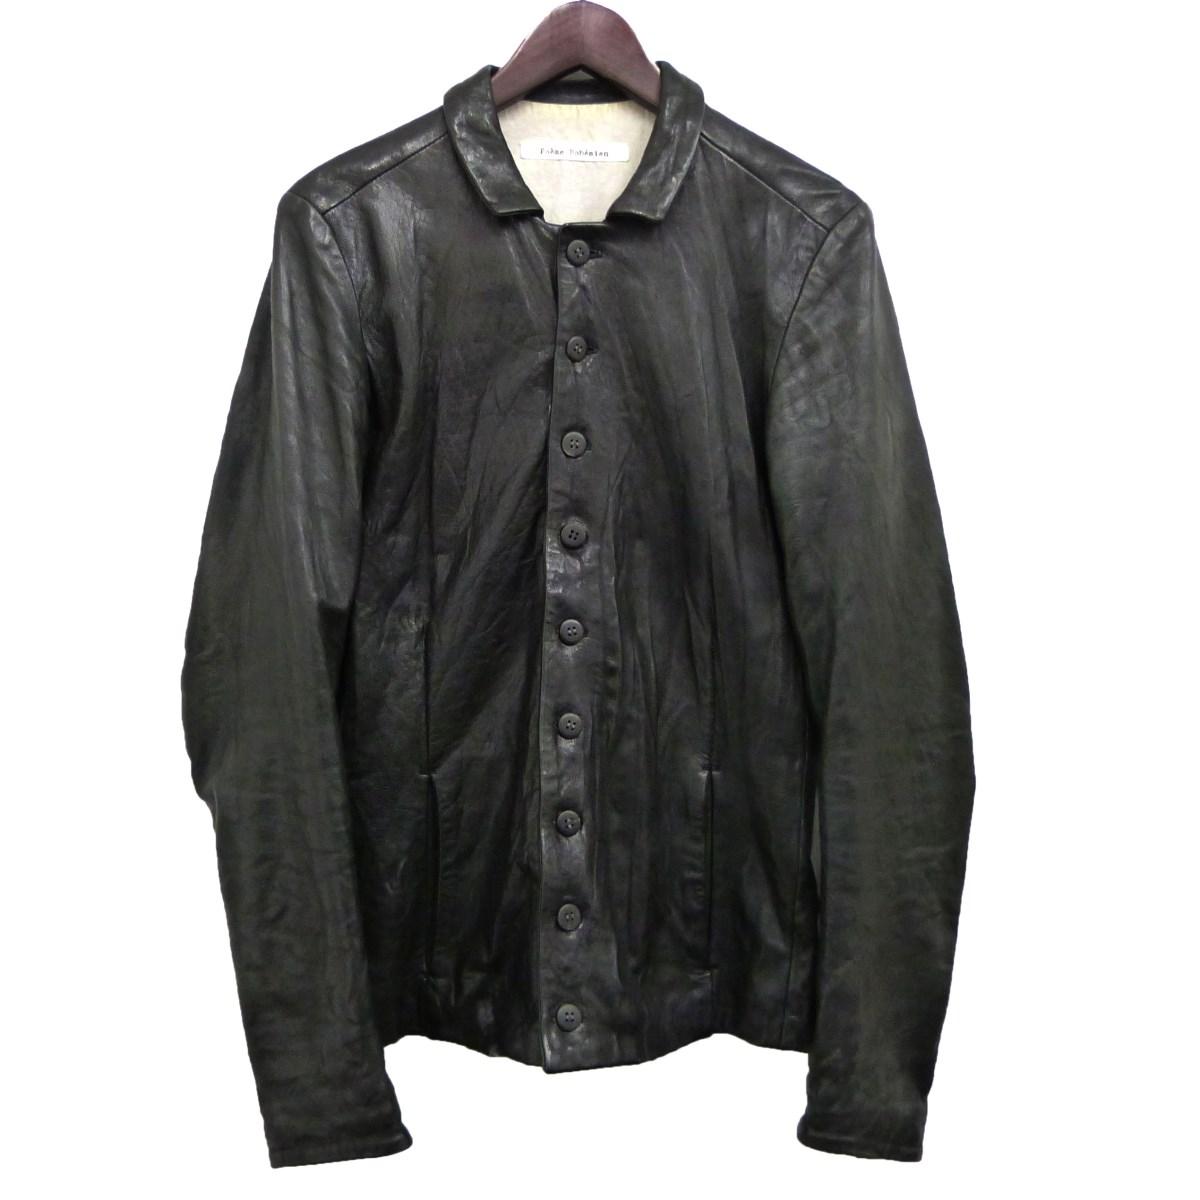 【中古】Poeme Bohemien レザーシャツジャケット ブラック サイズ:44 【190420】(ポエムボヘミアン)